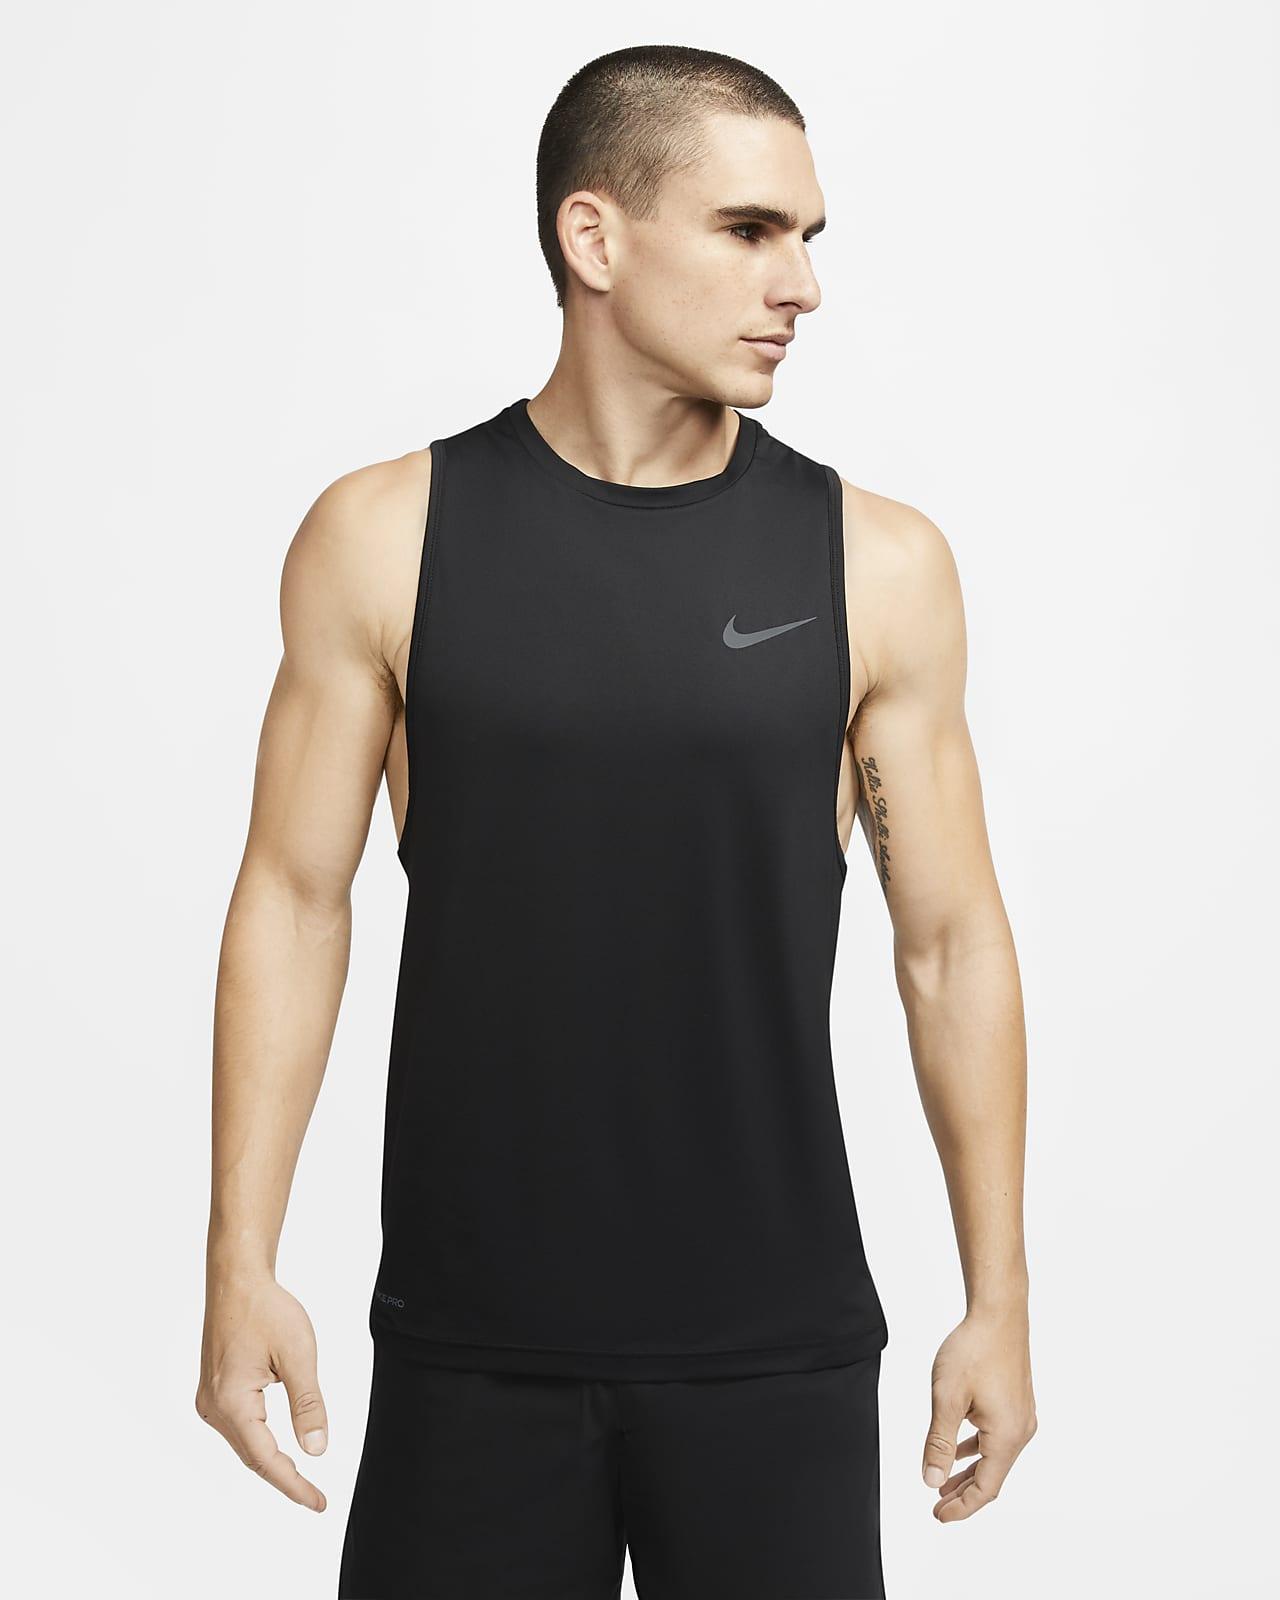 Ανδρικό φανελάκι προπόνησης Nike